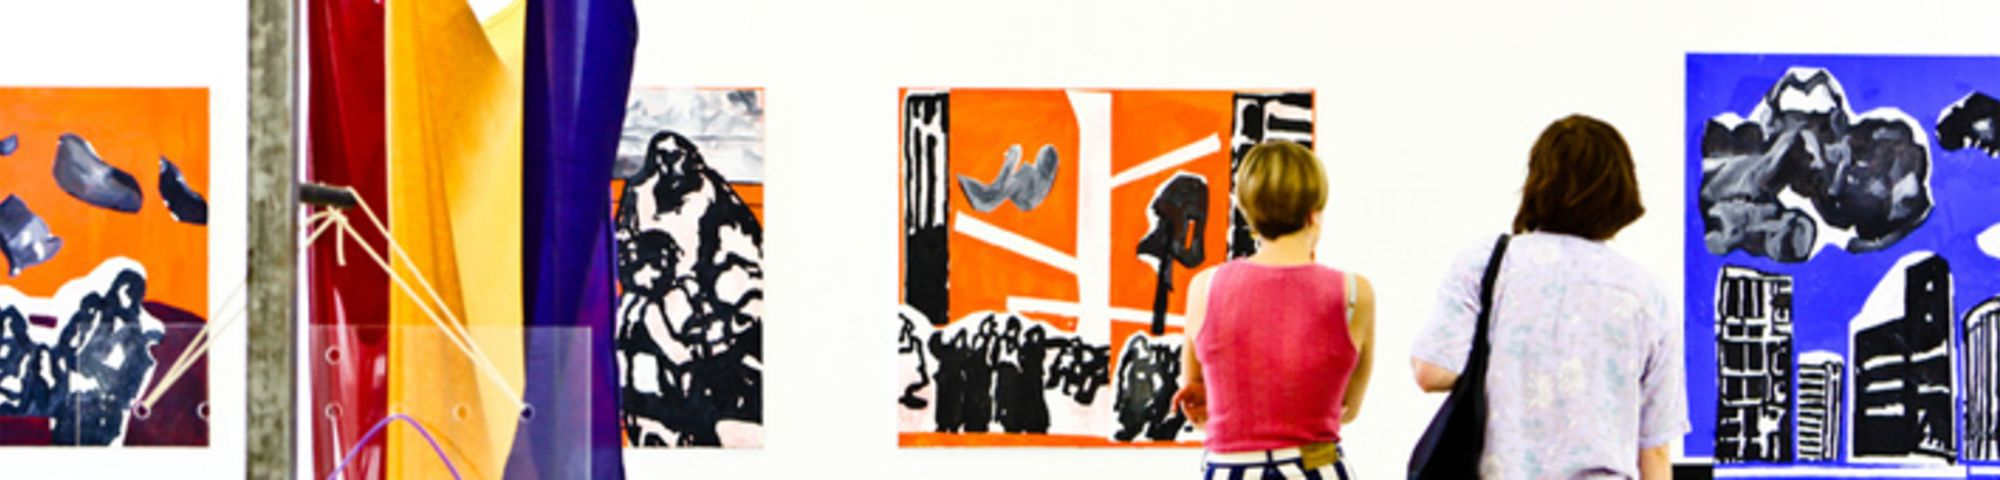 Artwork being viewed